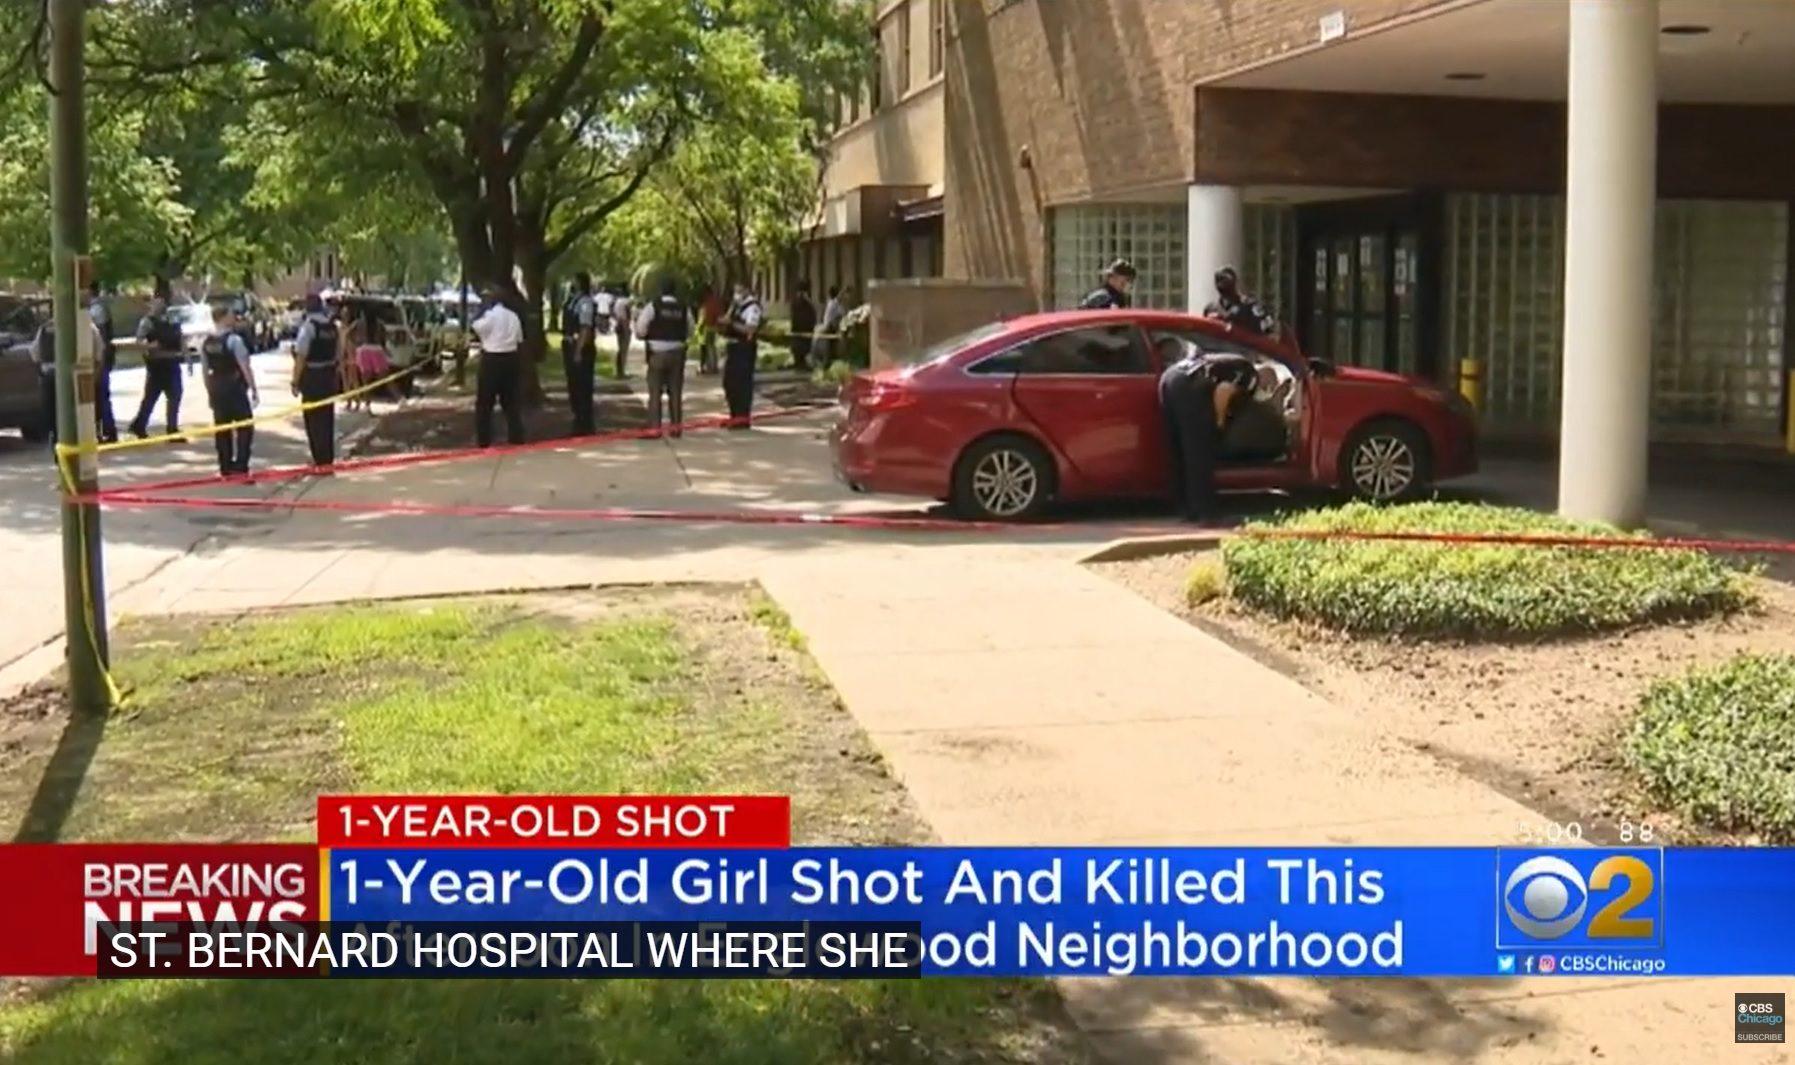 สลด! เด็ก 1 ขวบ ถูกมือปืนขับรถยิงตายที่ชิคาโก